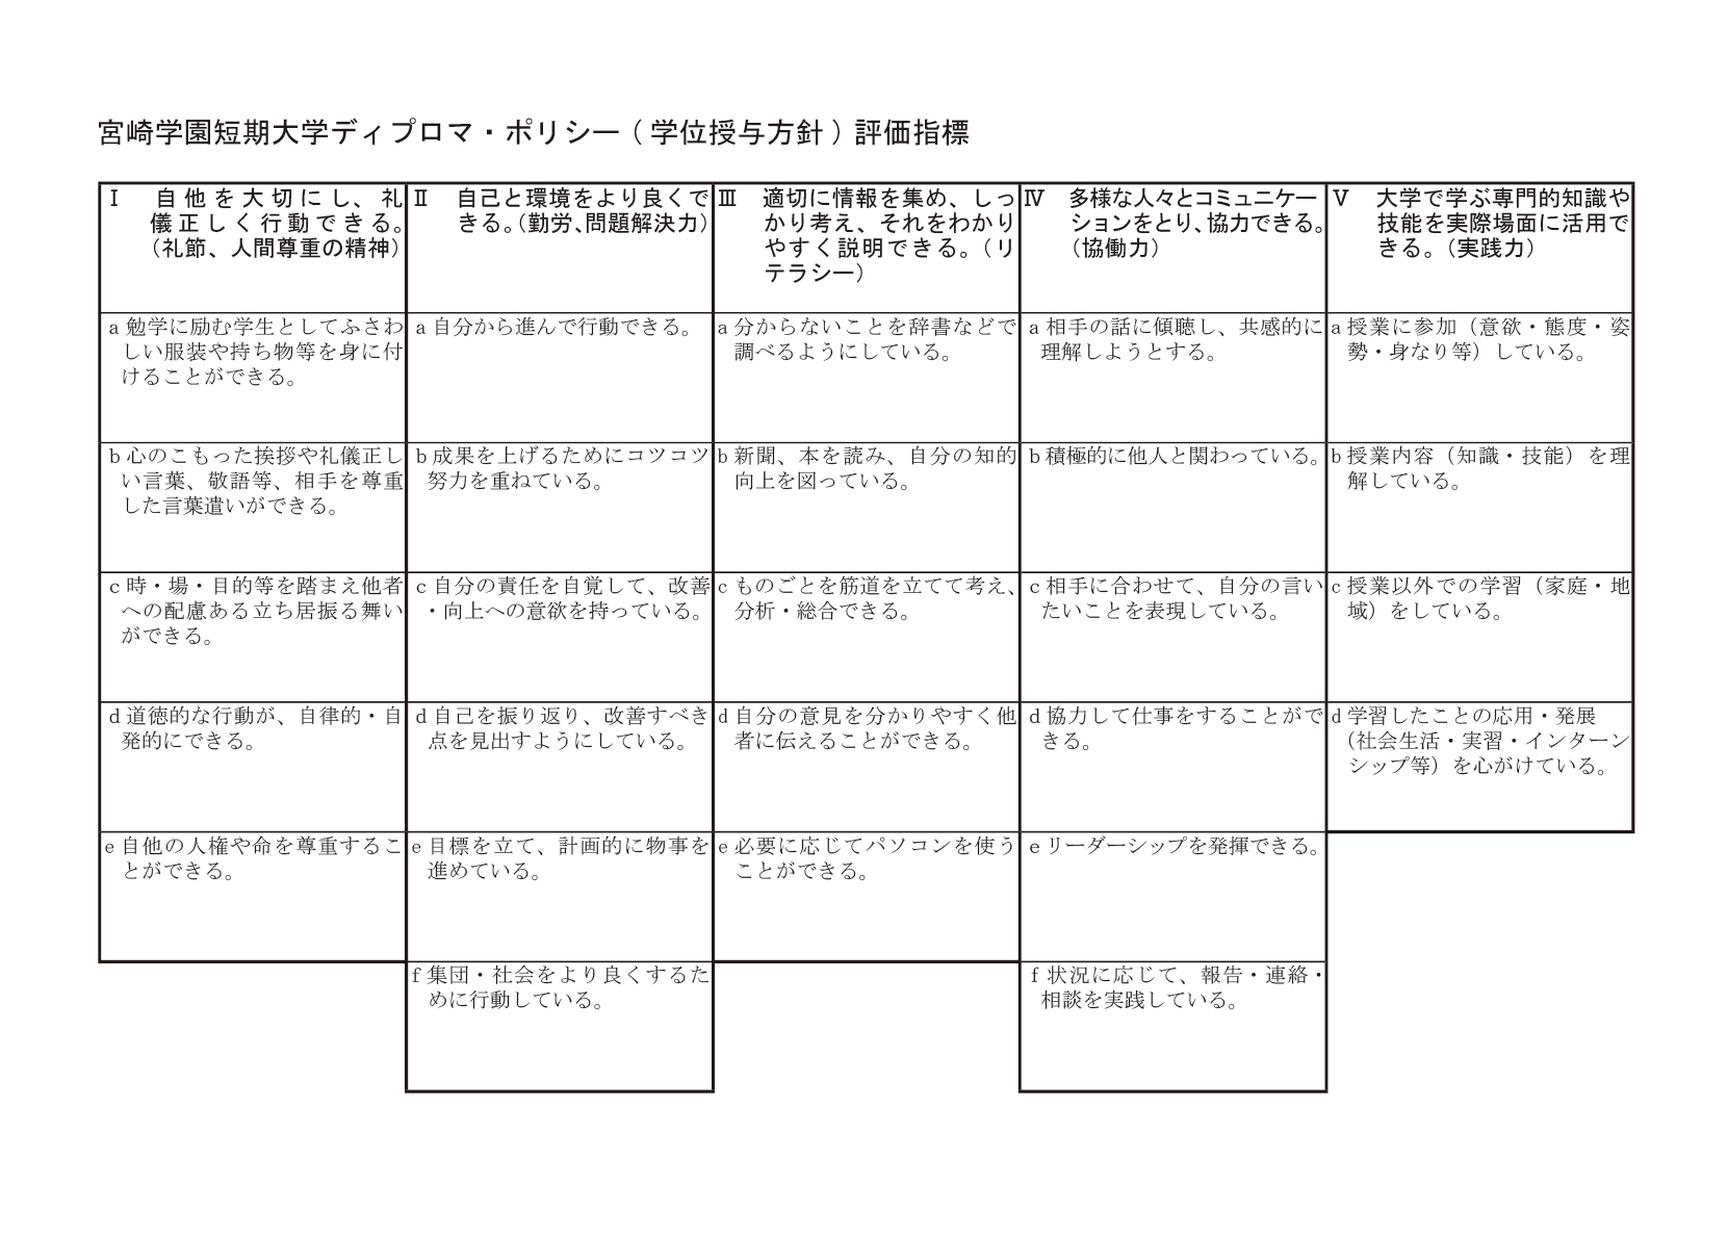 宮崎 短期 大学